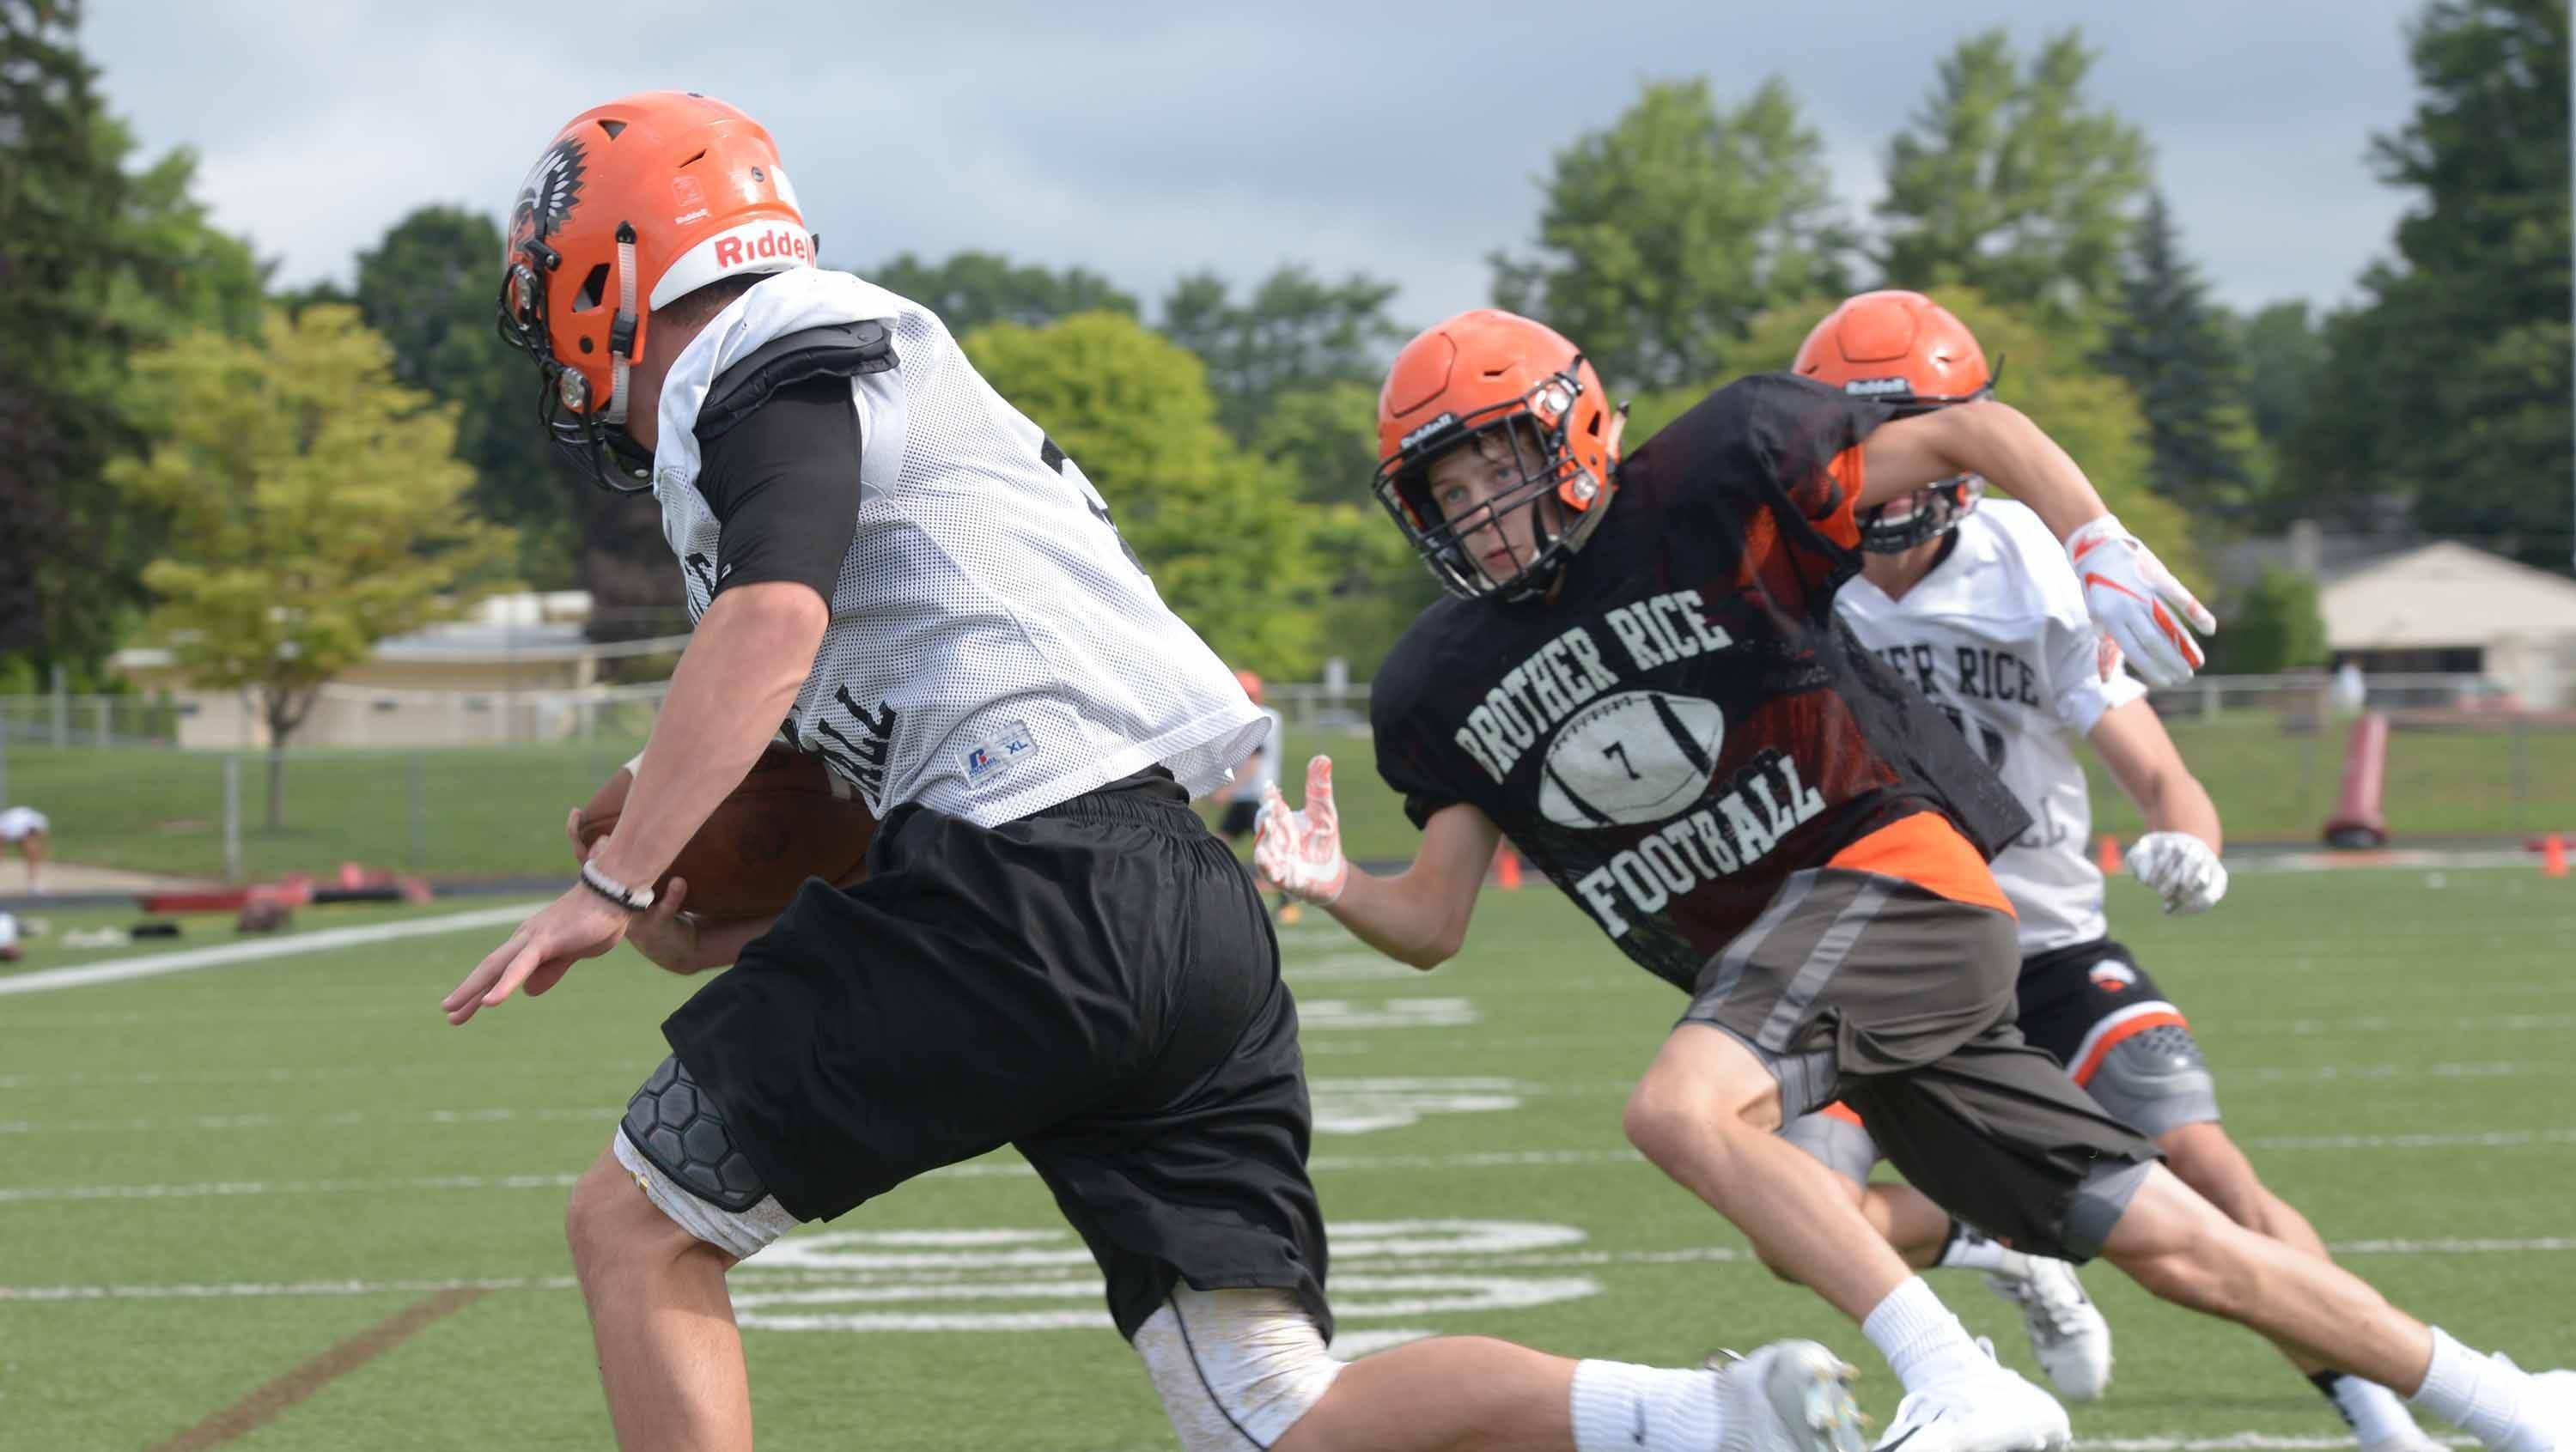 Confident Korzeniewski begins second year at Brother Rice